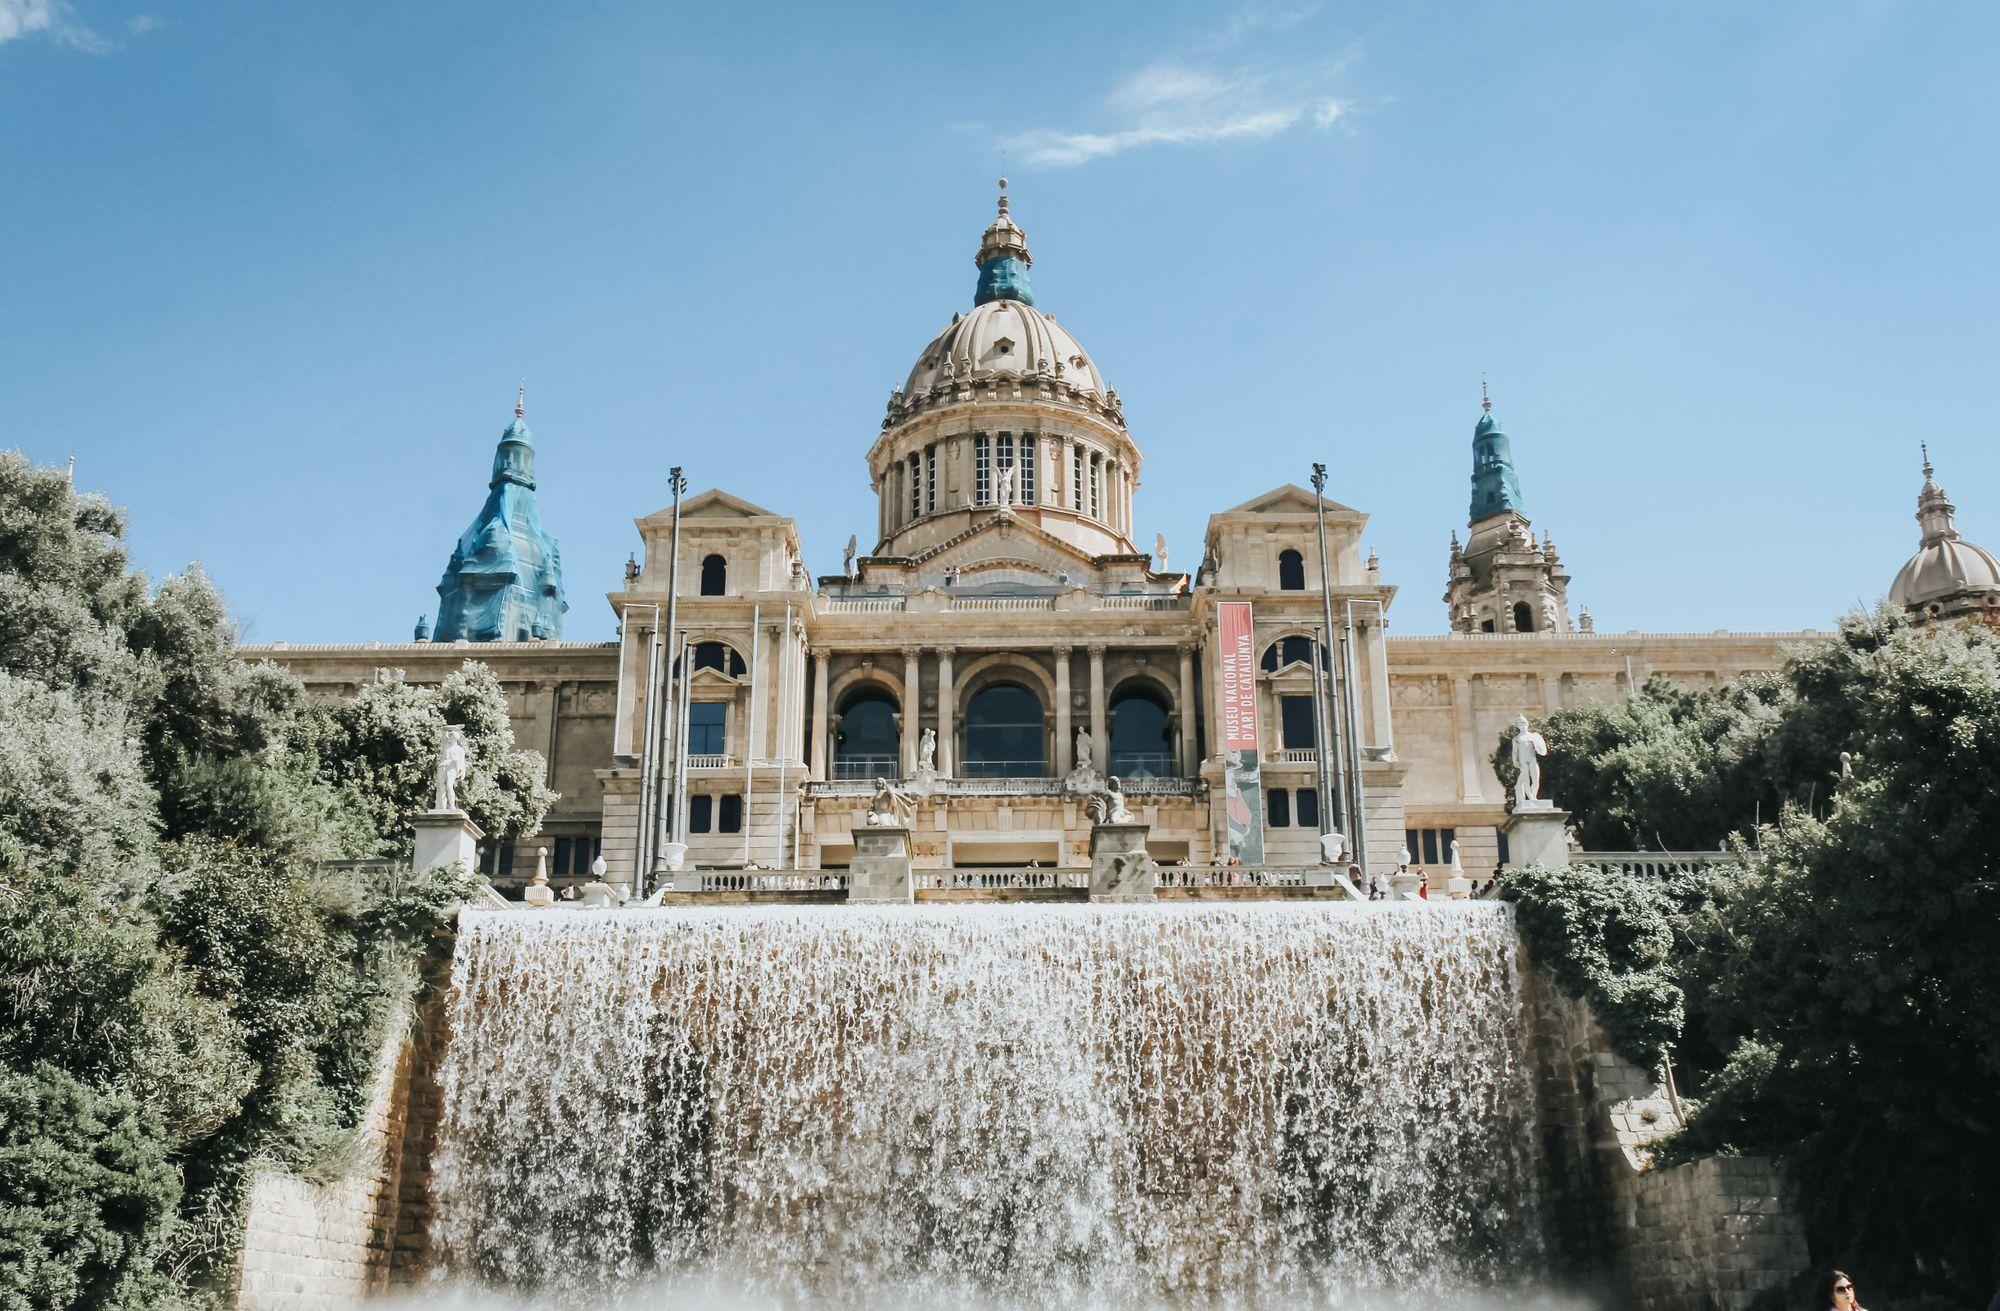 vue de face du Musée National d'Art de Catalogne à Barcelone